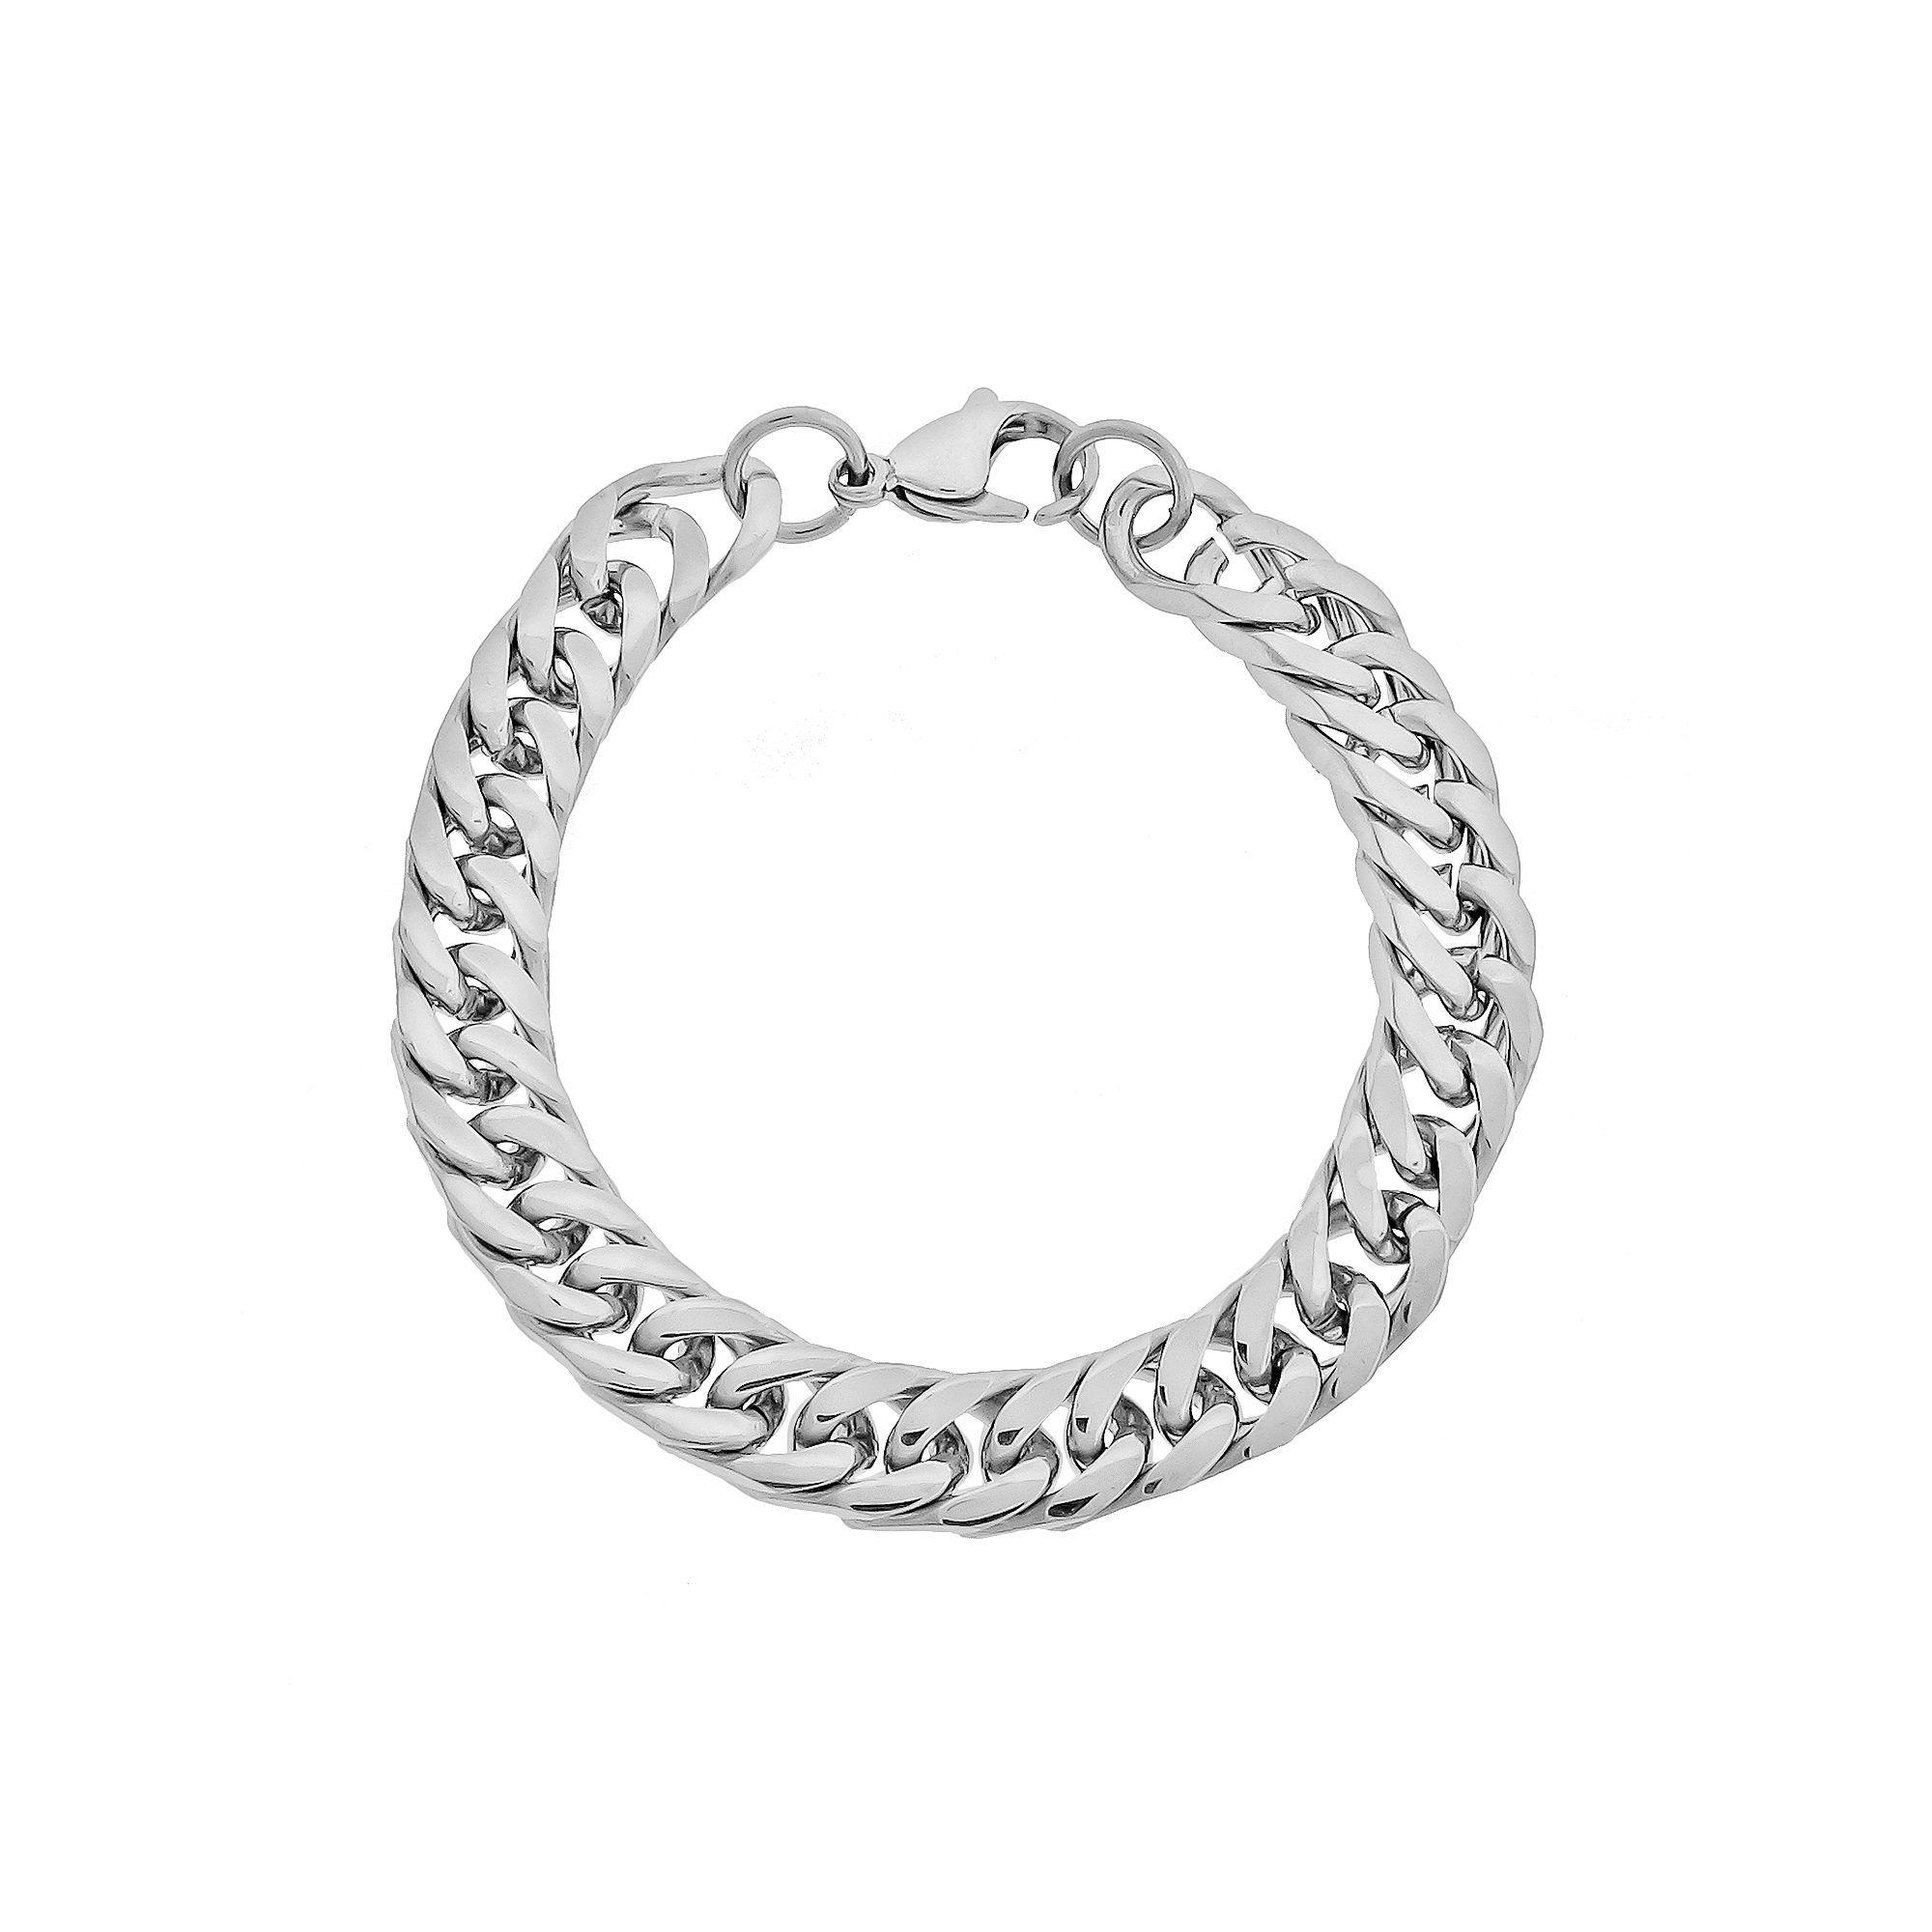 Kohlus lynx stainless steel curb chain bracelet men stainless